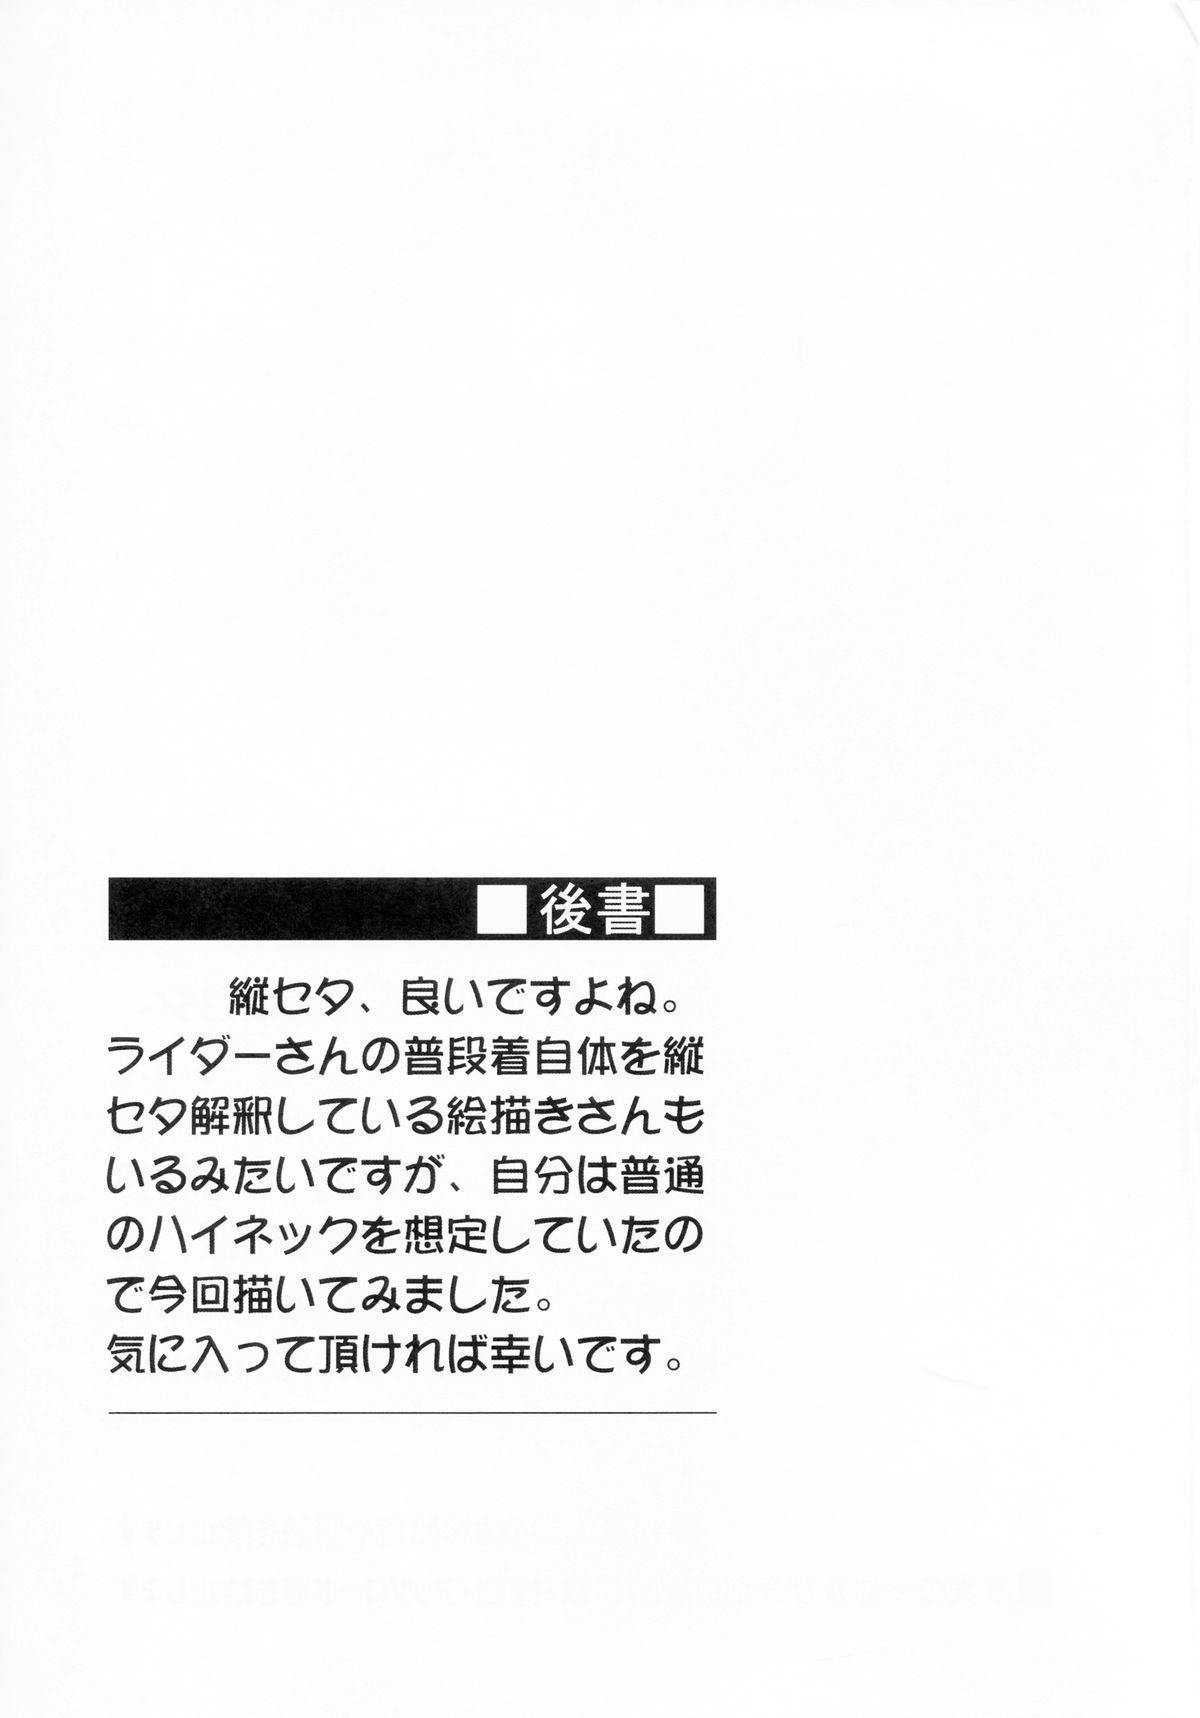 Rider-san to Tate Sweater. 21